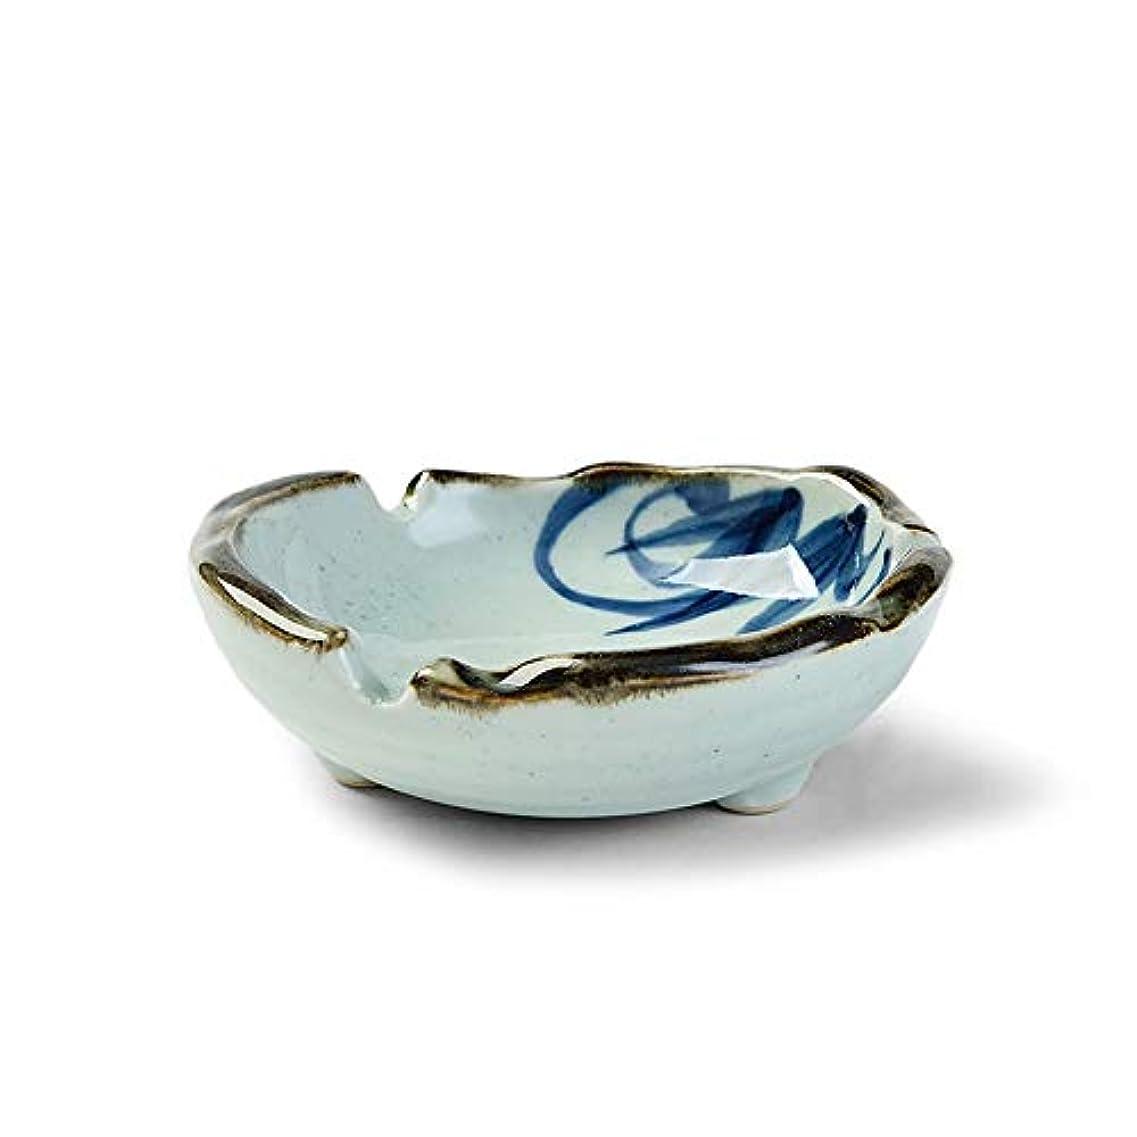 そして石炭単にタバコ、ギフトおよび総本店の装飾のための灰皿円形の光沢のあるセラミック灰皿